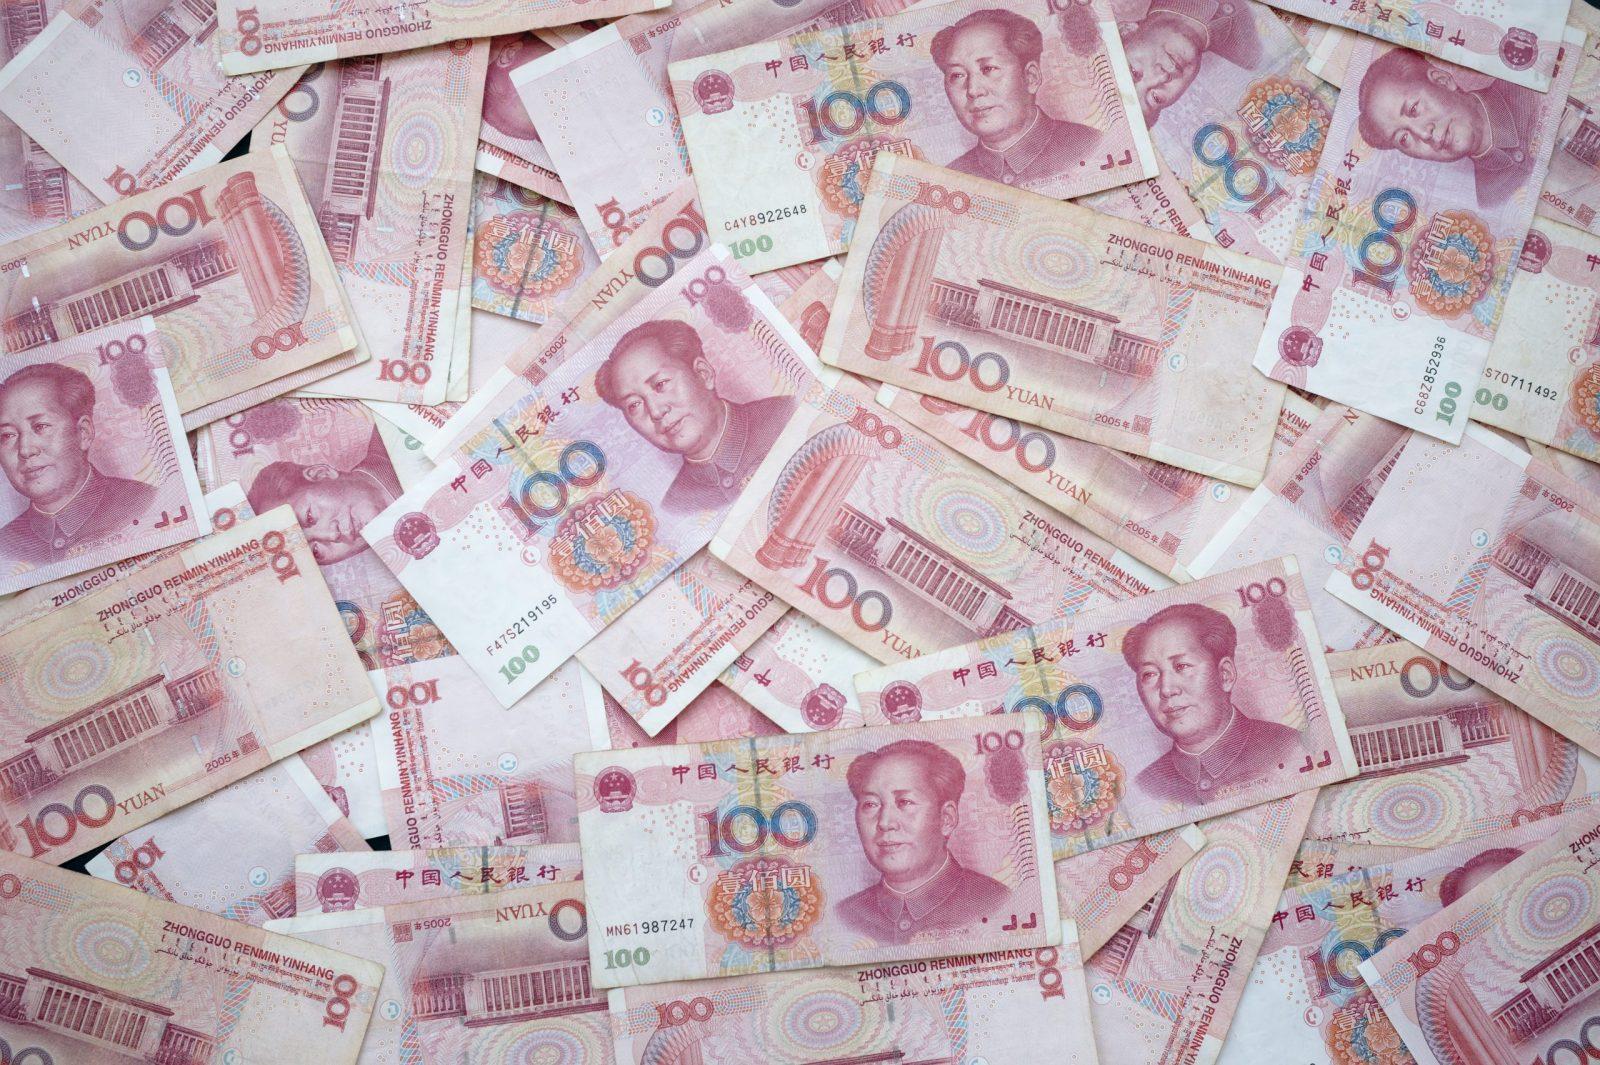 McDonald's et Starbucks participeraient à un programme ayant pour but de tester une monnaie numérique chinoise